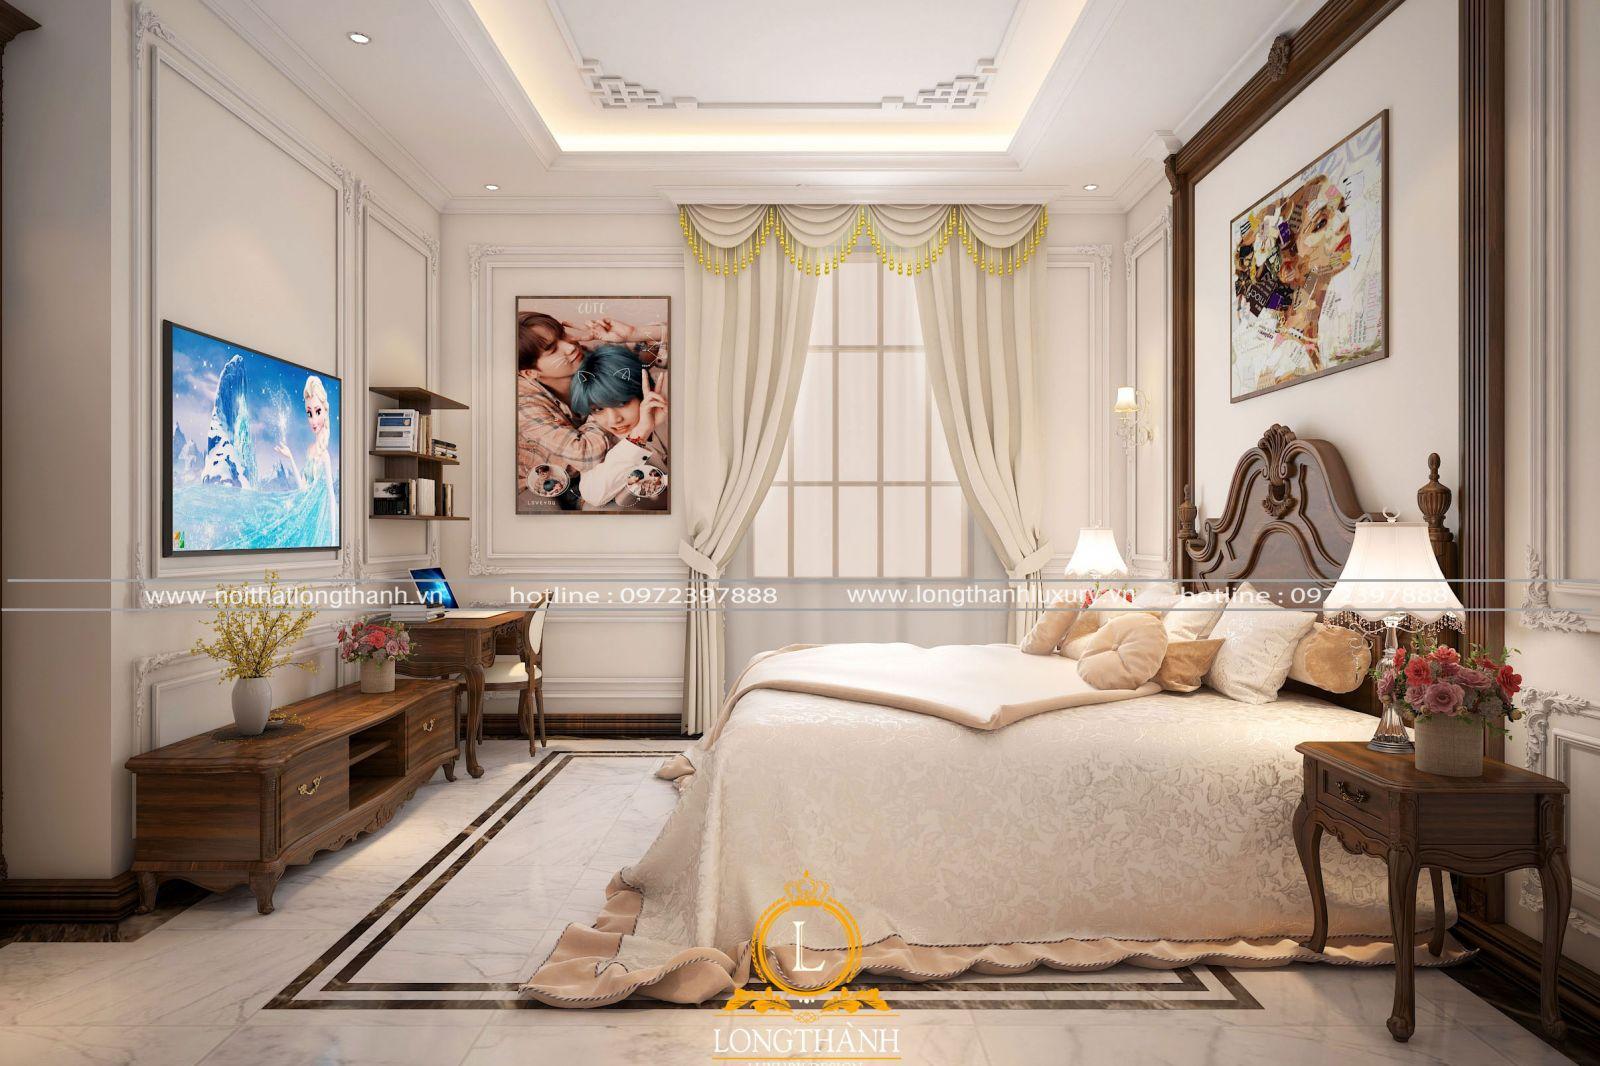 Mẫu phòng ngủ tân cổ điển đơn giản hiện đại dành cho bé gái